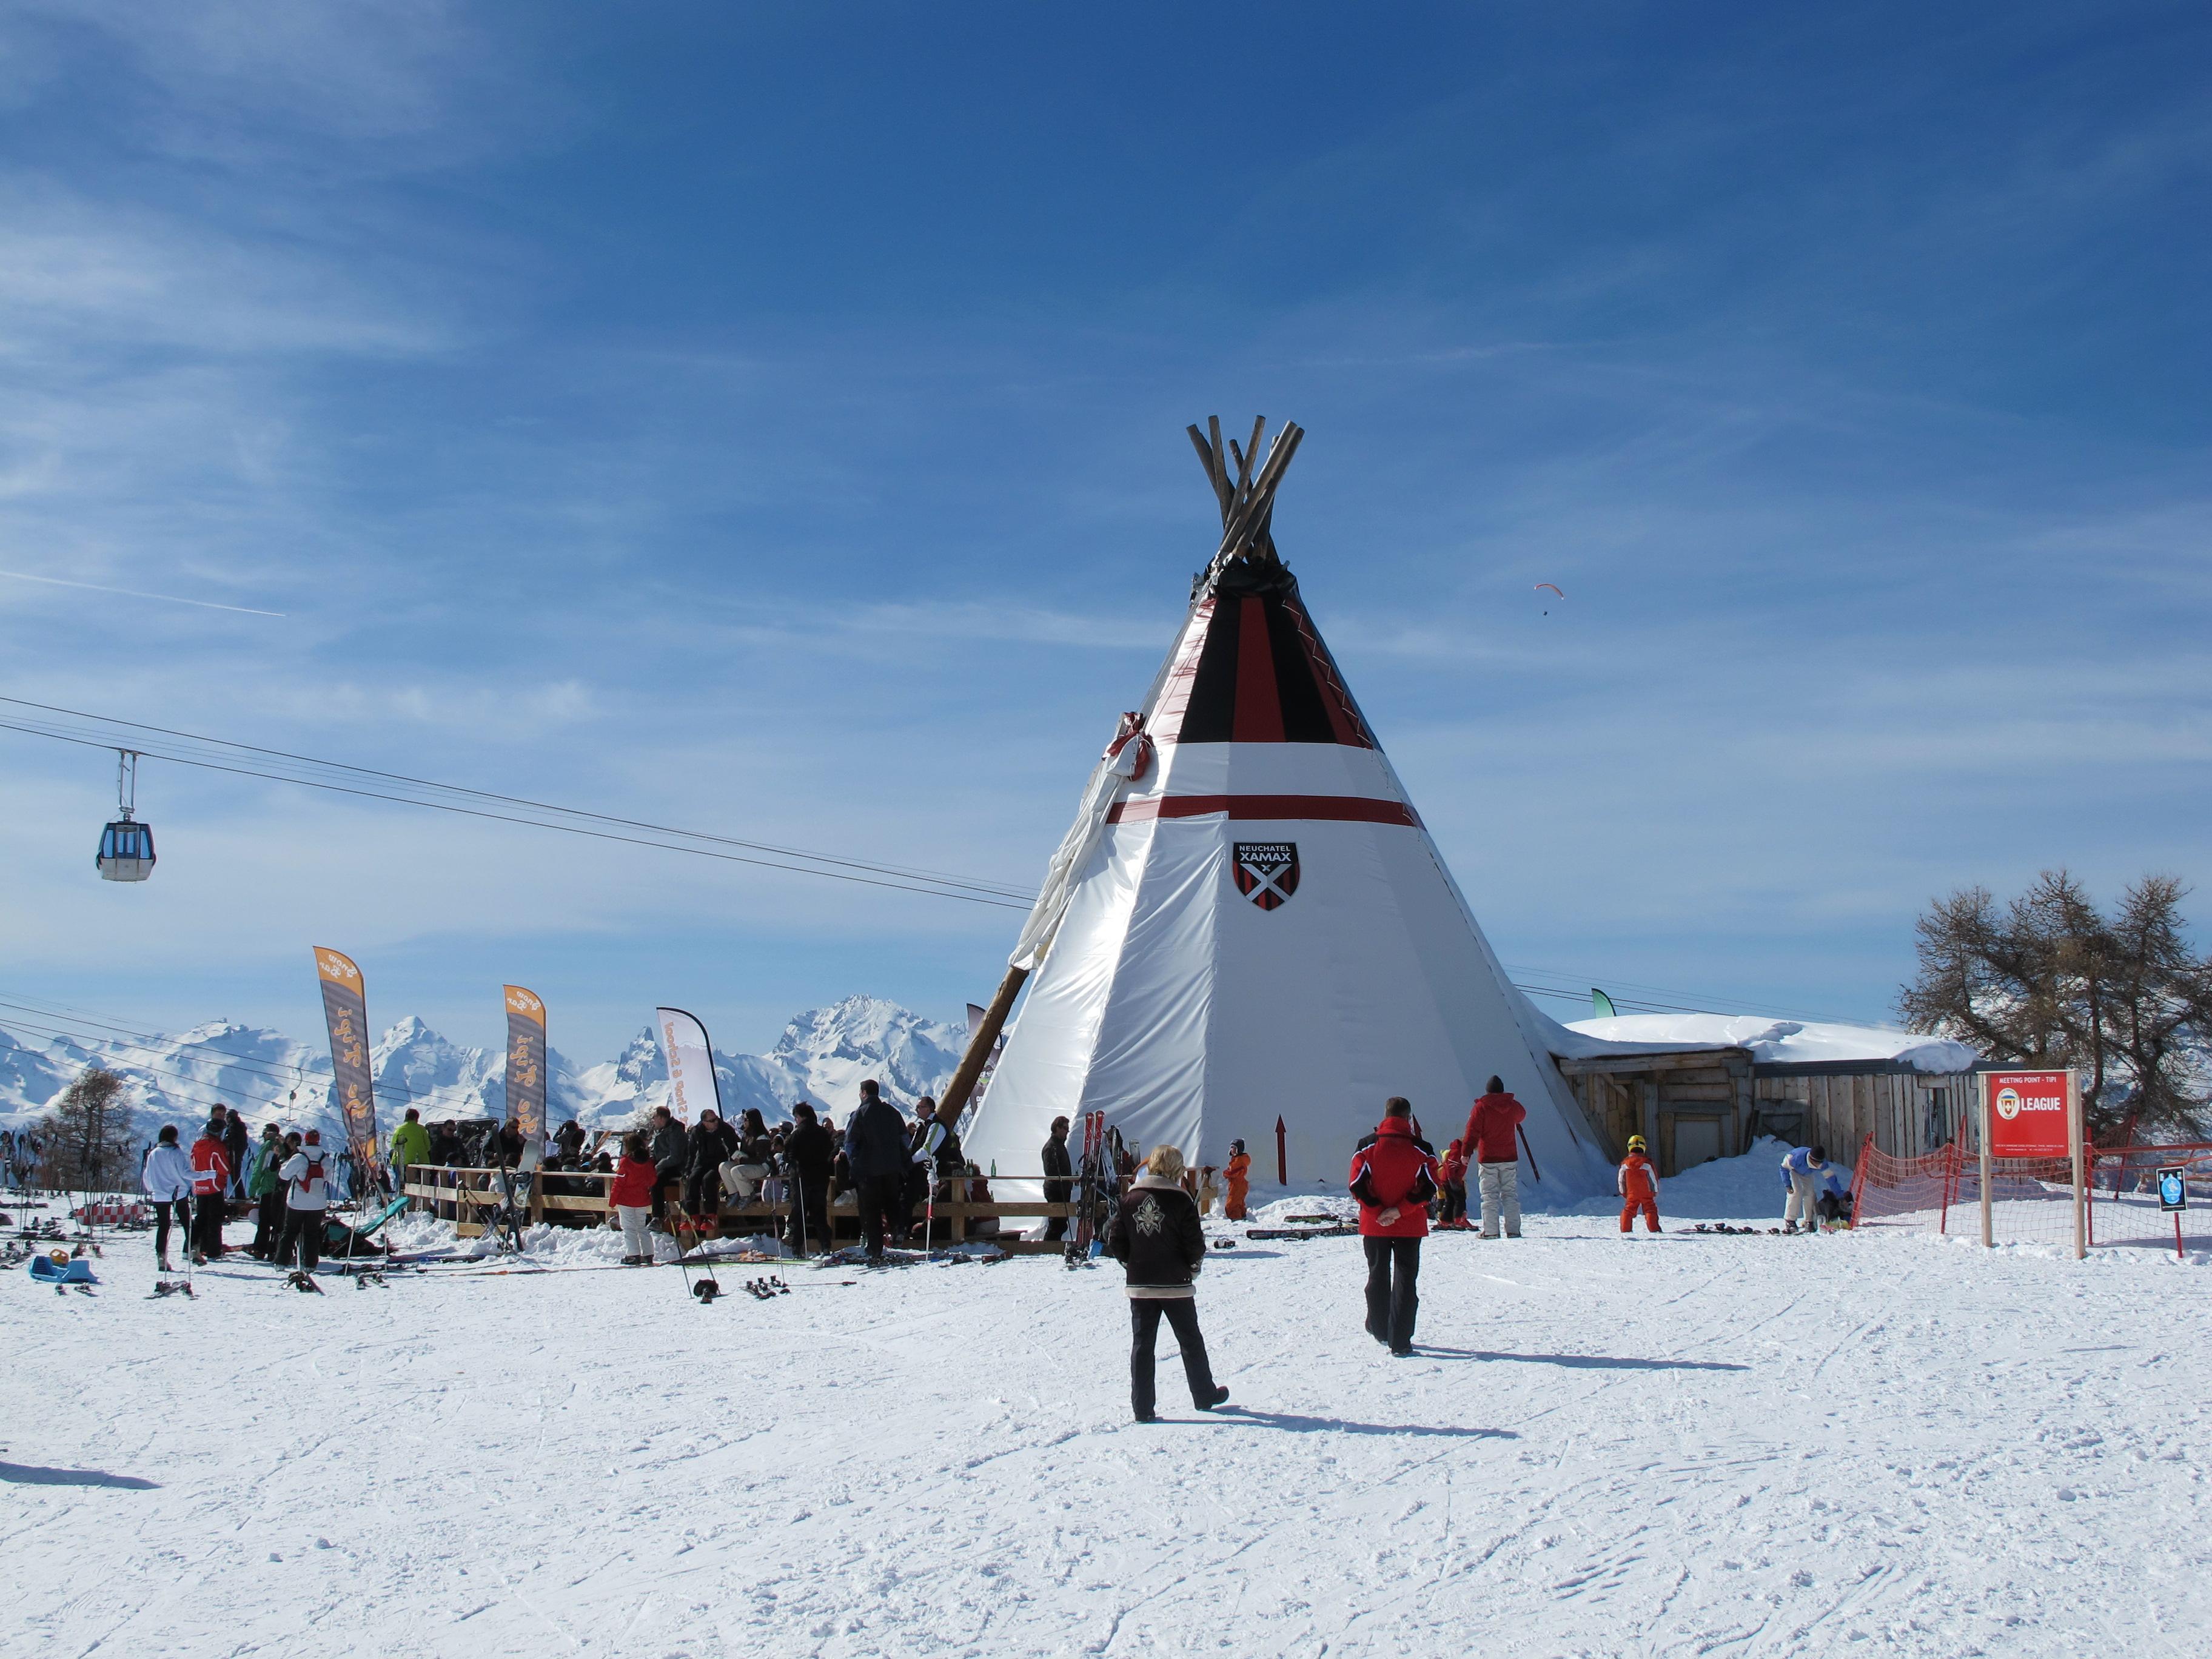 photo of teepee apres ski bar thyon2000